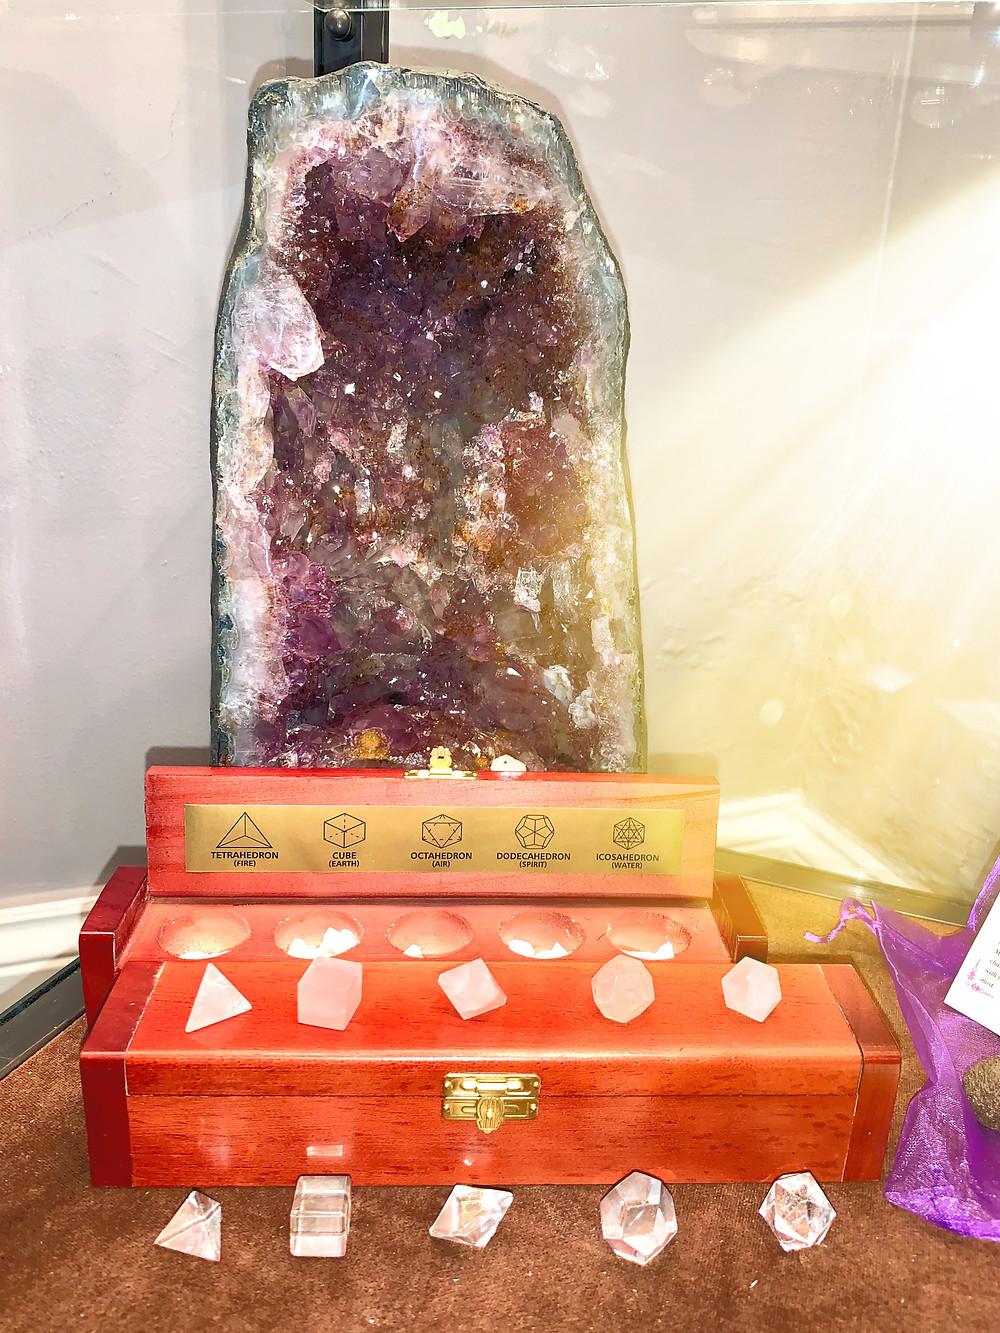 Platonic solid energy healing